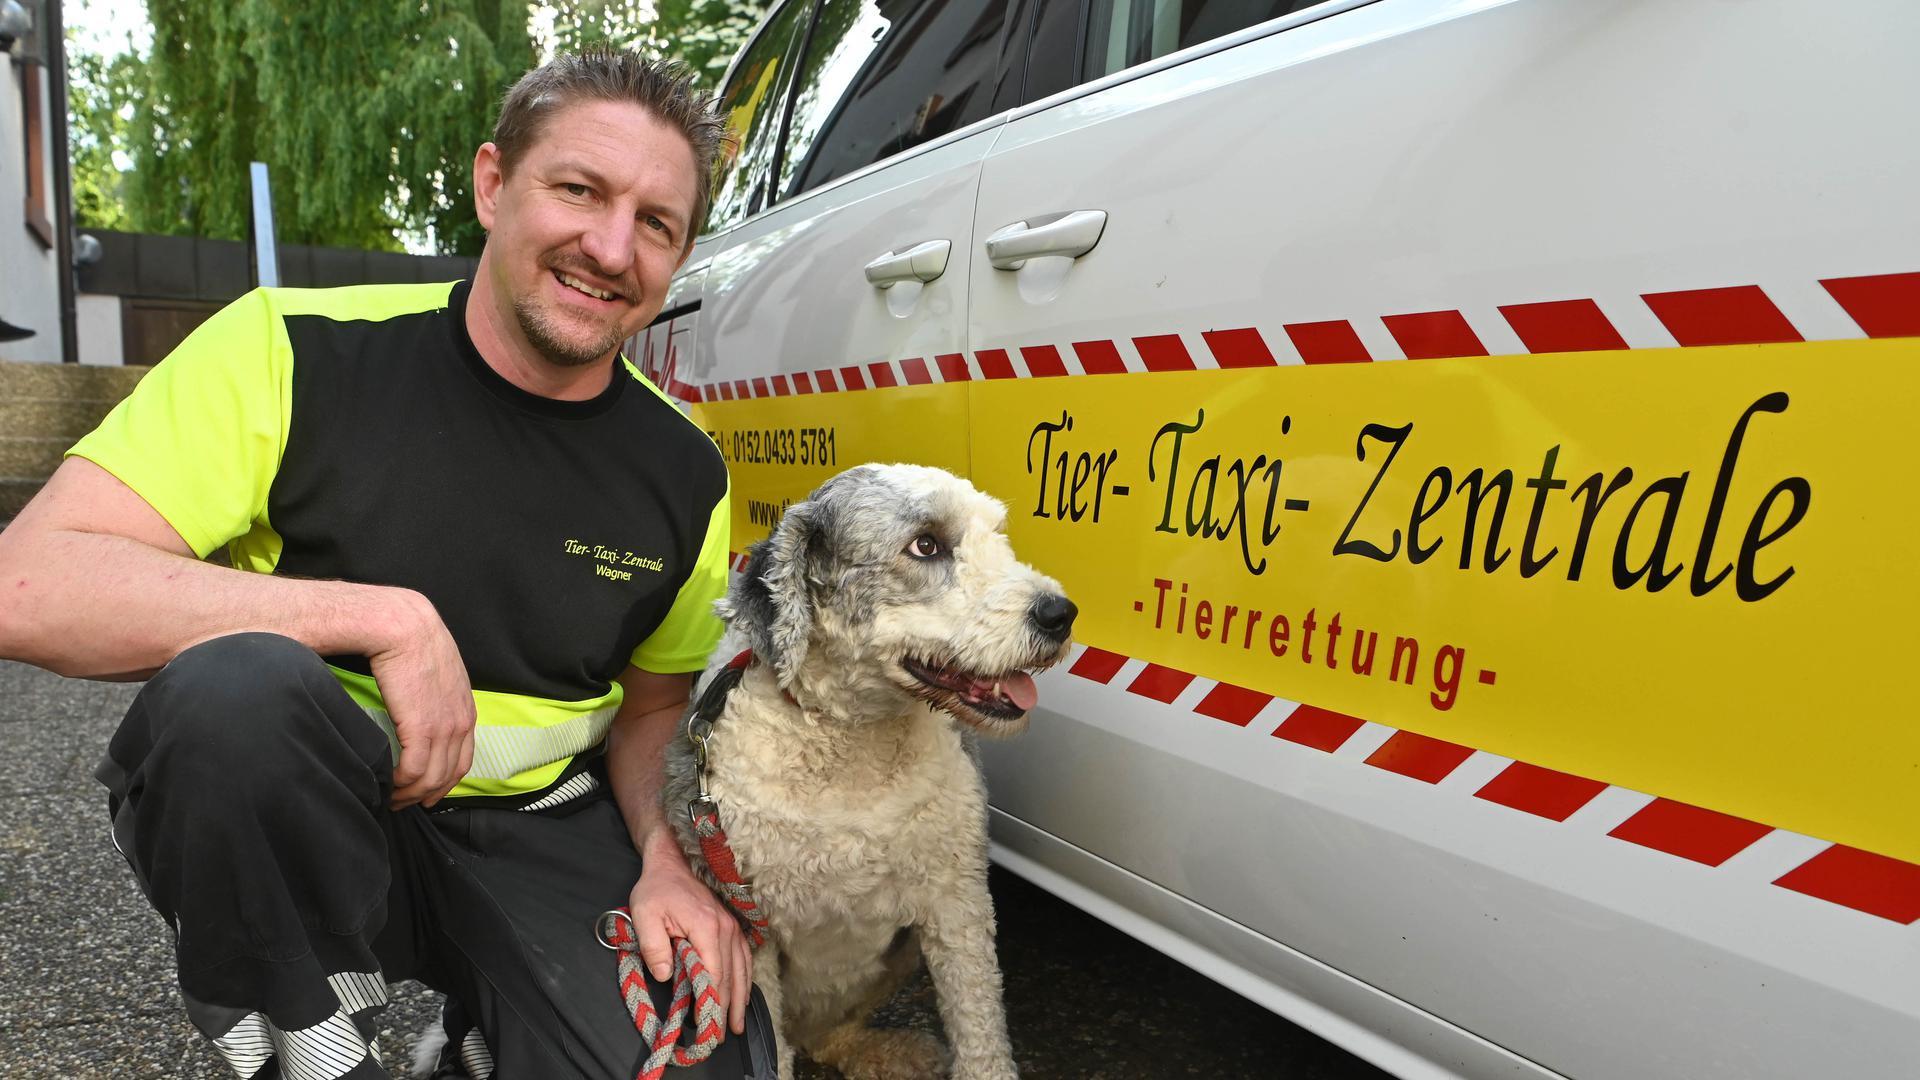 Markus Wagner von der Tier-Taxi-Zentrale, aufgenommen an seinem Fahrzeug mit der vier Jahre alten Bobtail Hündin Paula, die er regelmässig mit seinem Taxi fährt.